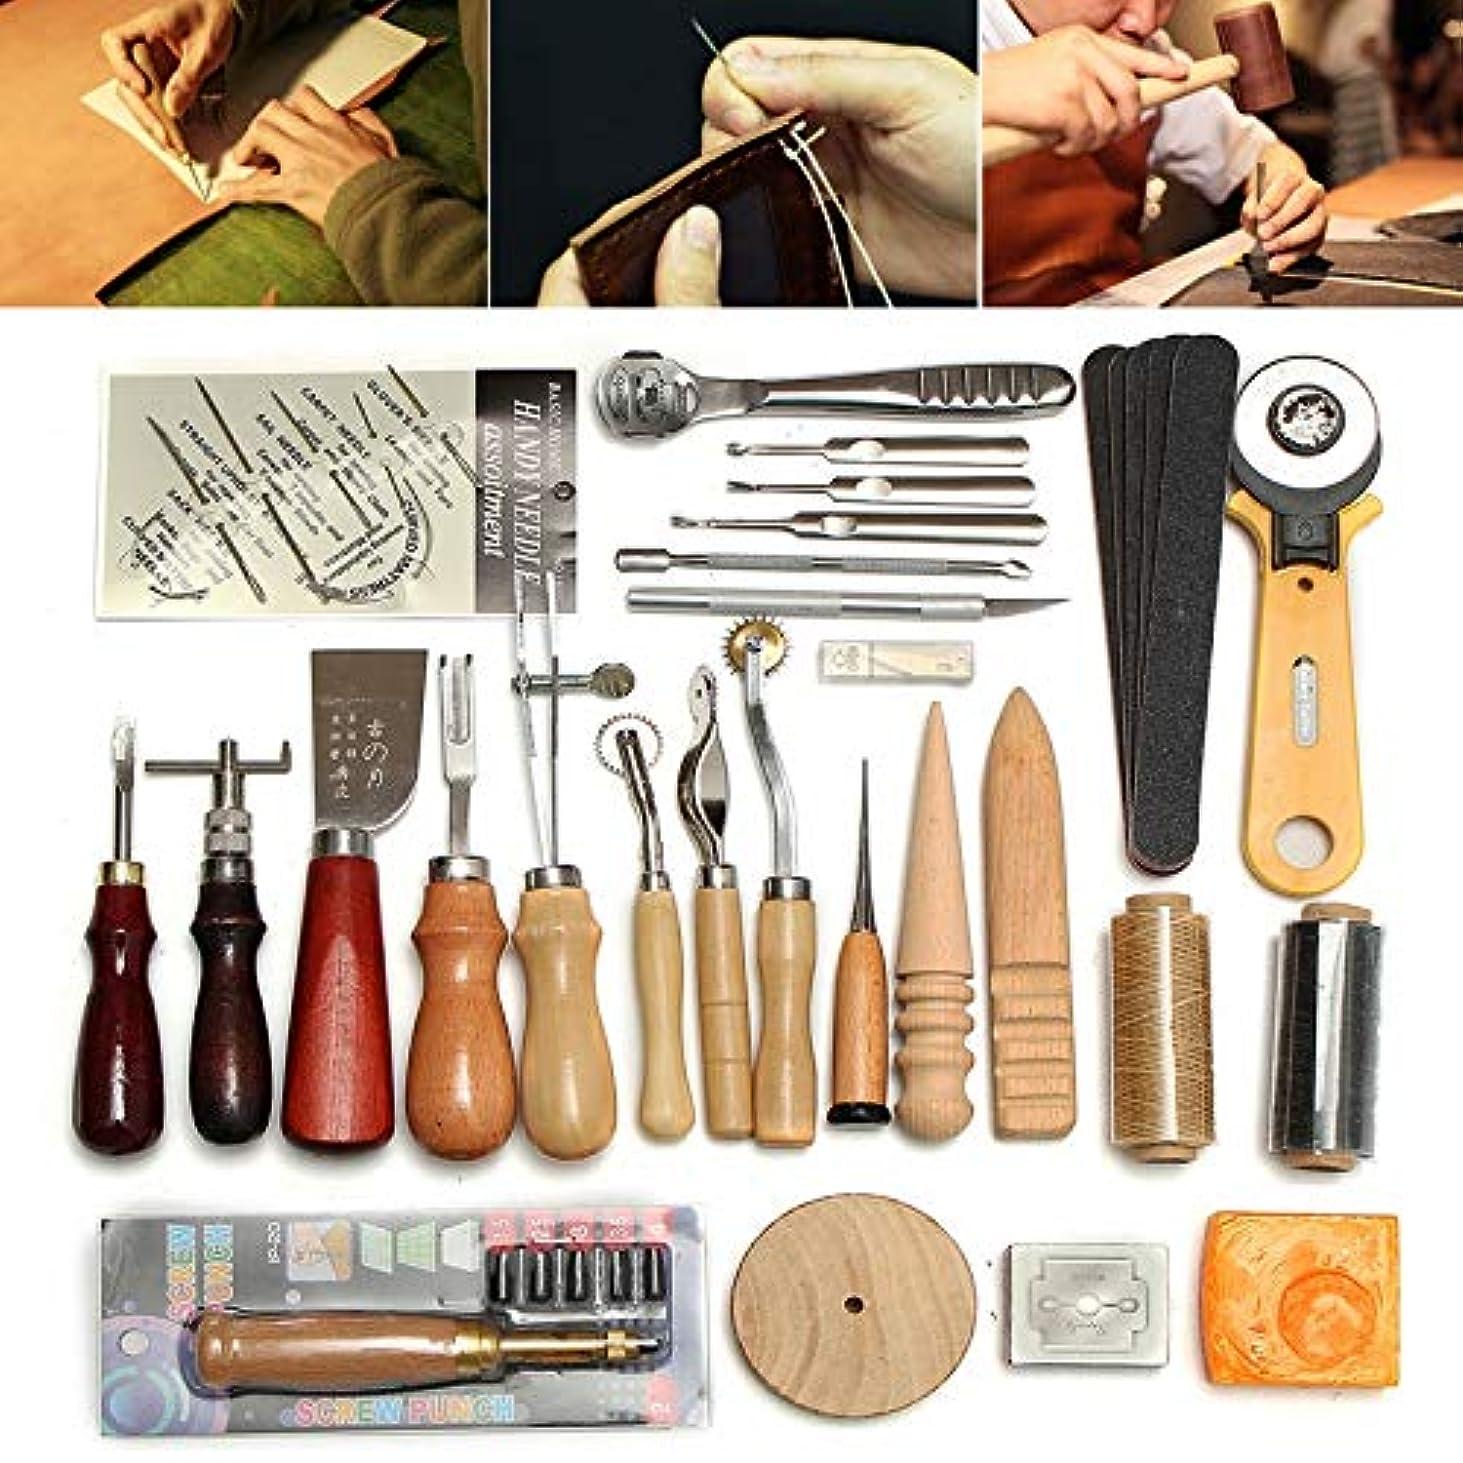 ブルーベル責めるオーバーランレザークラフト 縫い道具37点セット Moomai レザーツール 革工具セット 革細工 DIY 道具 手作り ハンドメイド 縫製キット 初心者 キット 皮革用具 裁縫用具 手つくり